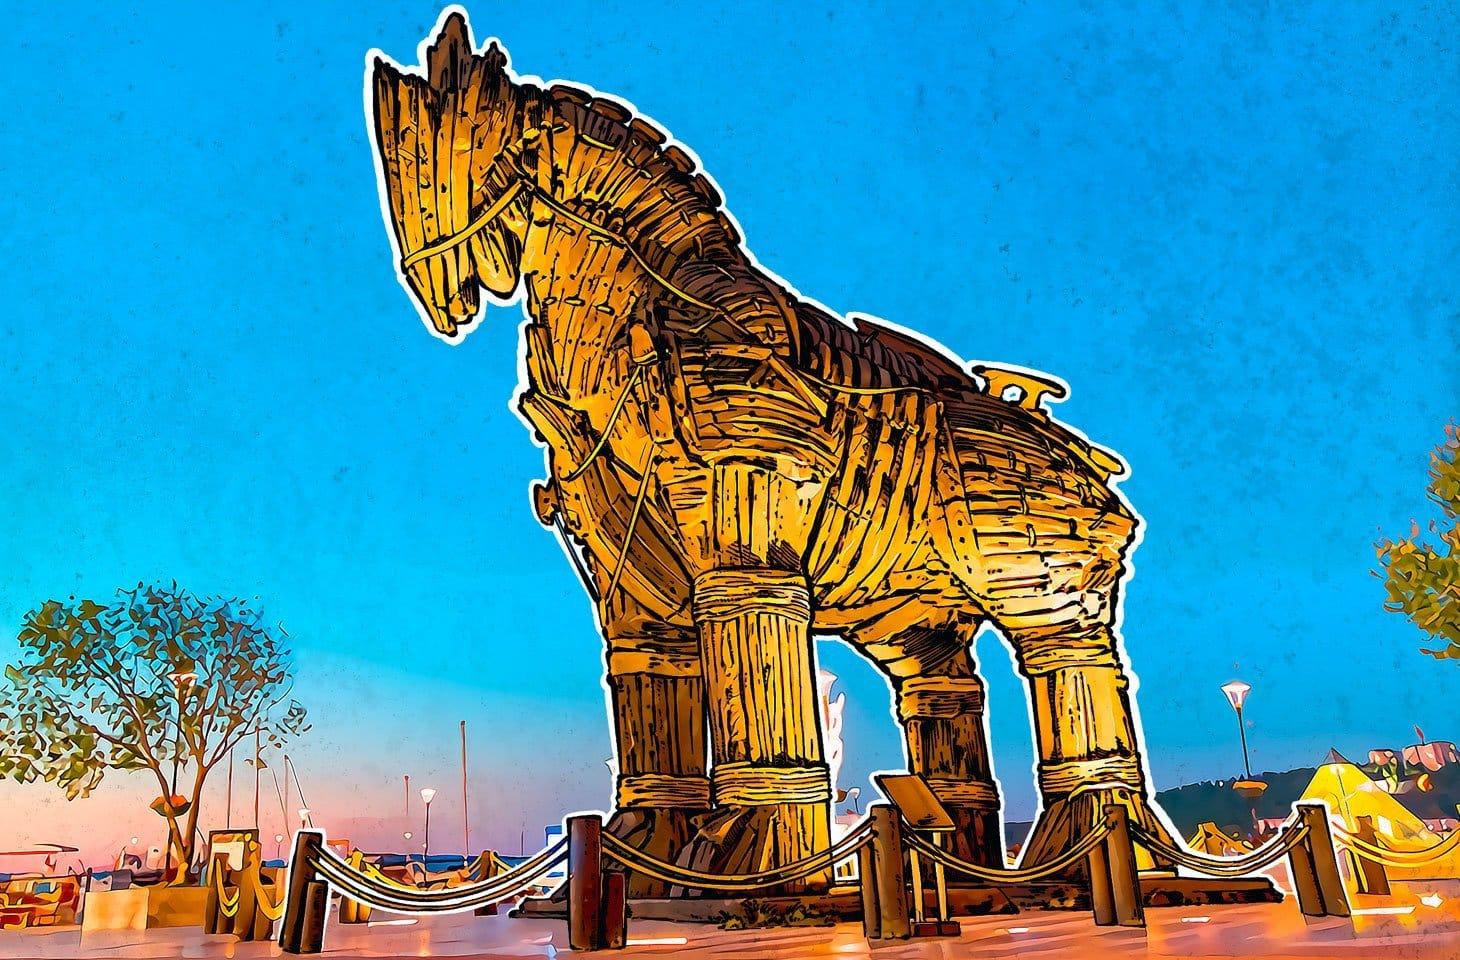 kaspersky des chevaux de troie exploitent les abonnements du protocole wap pour detourner de largent - Kaspersky: Des chevaux de Troie exploitent les abonnements du protocole WAP pour détourner de l'argent